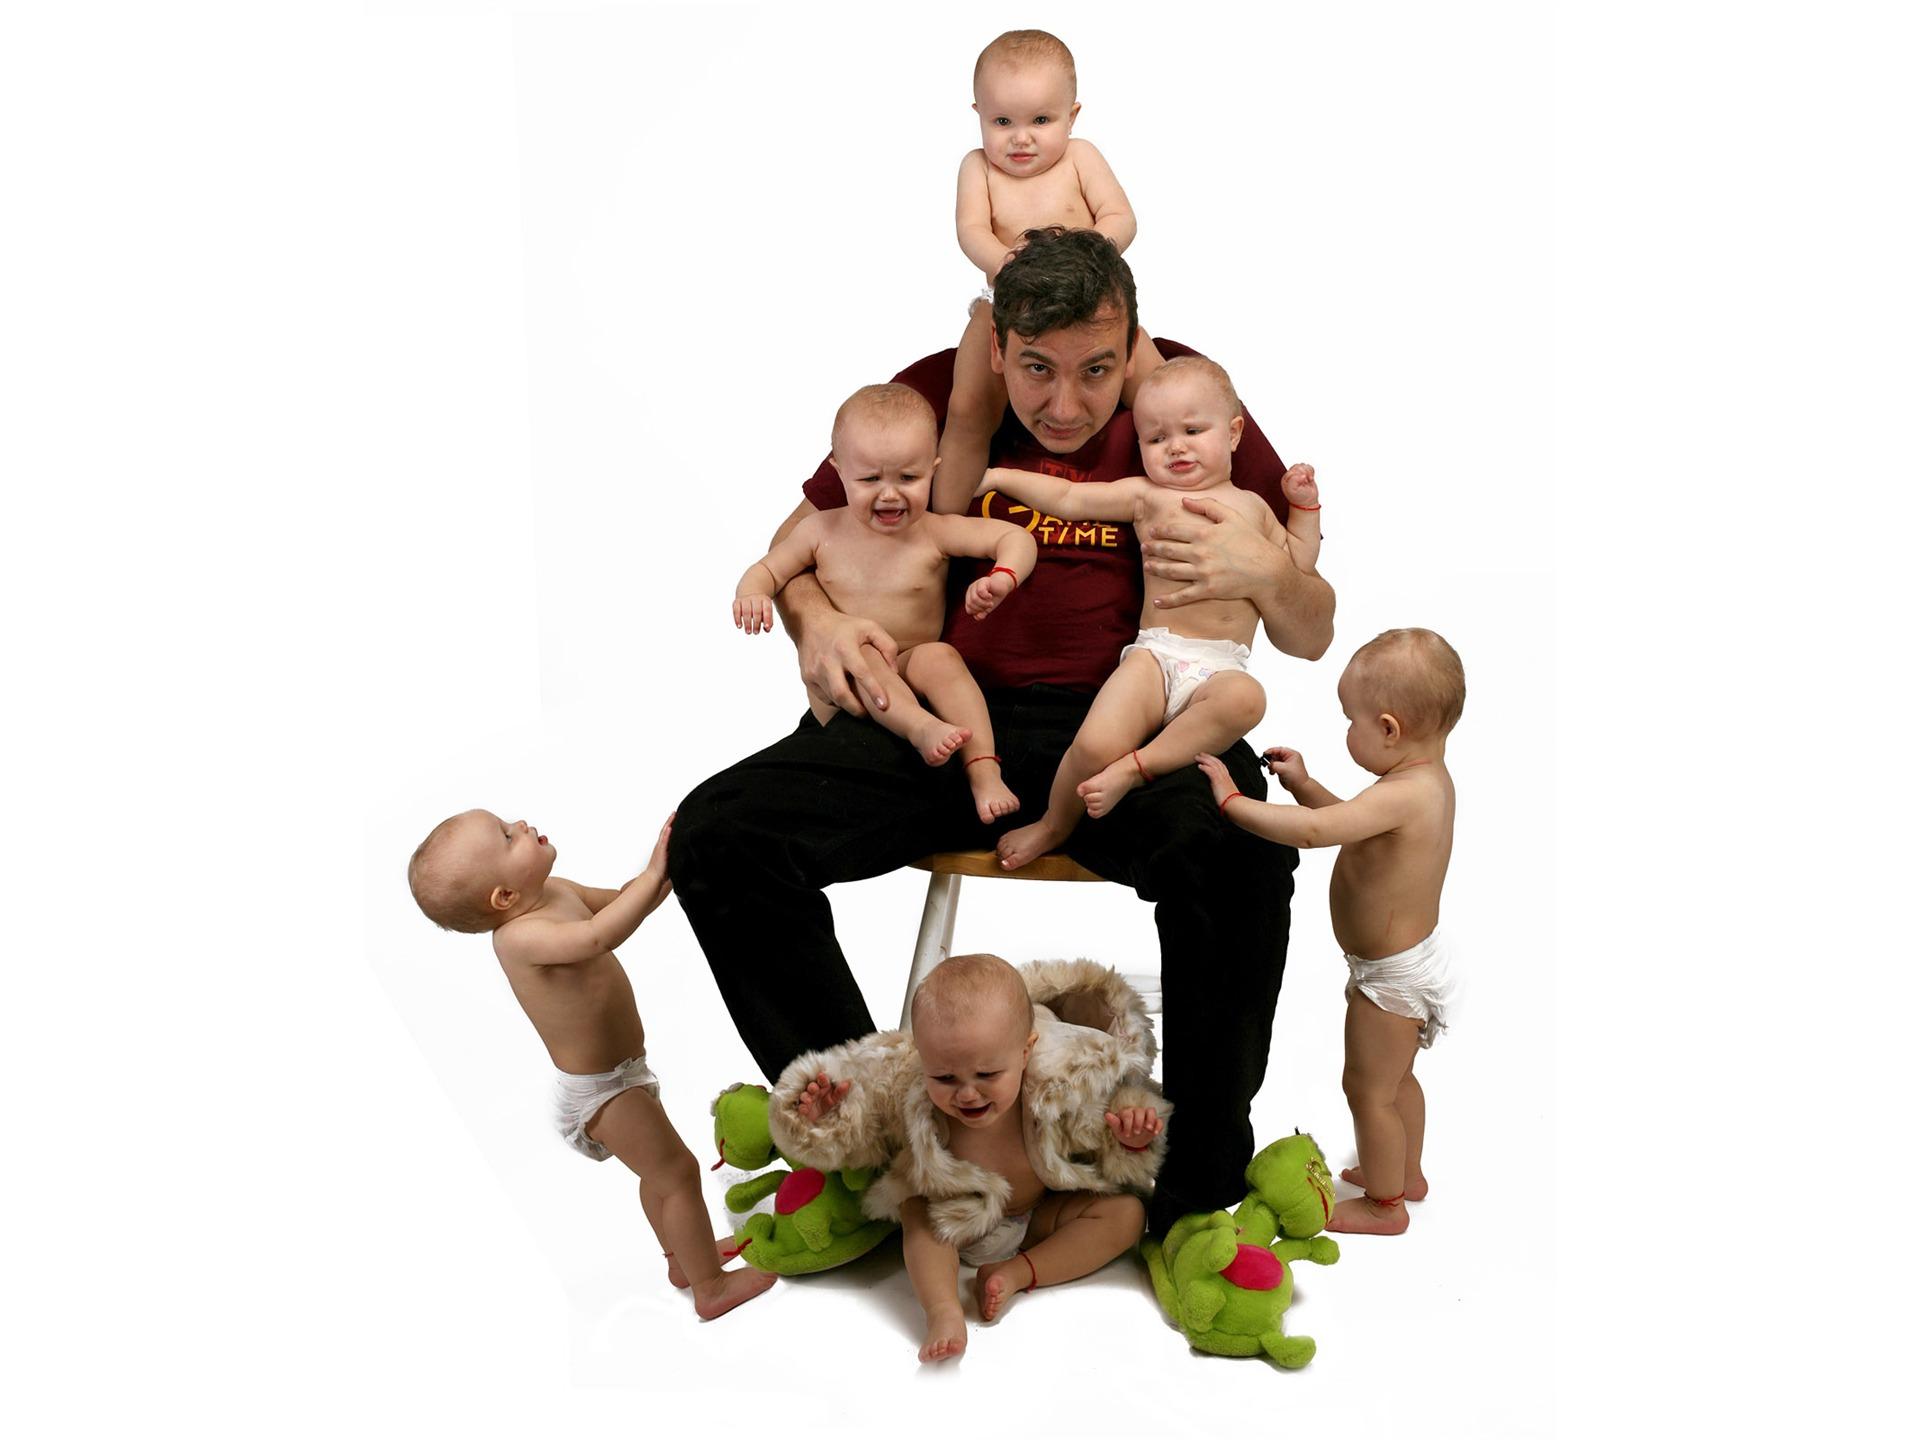 3 причины, из-за которых окружающие плохо относятся к многодетным семьям 24